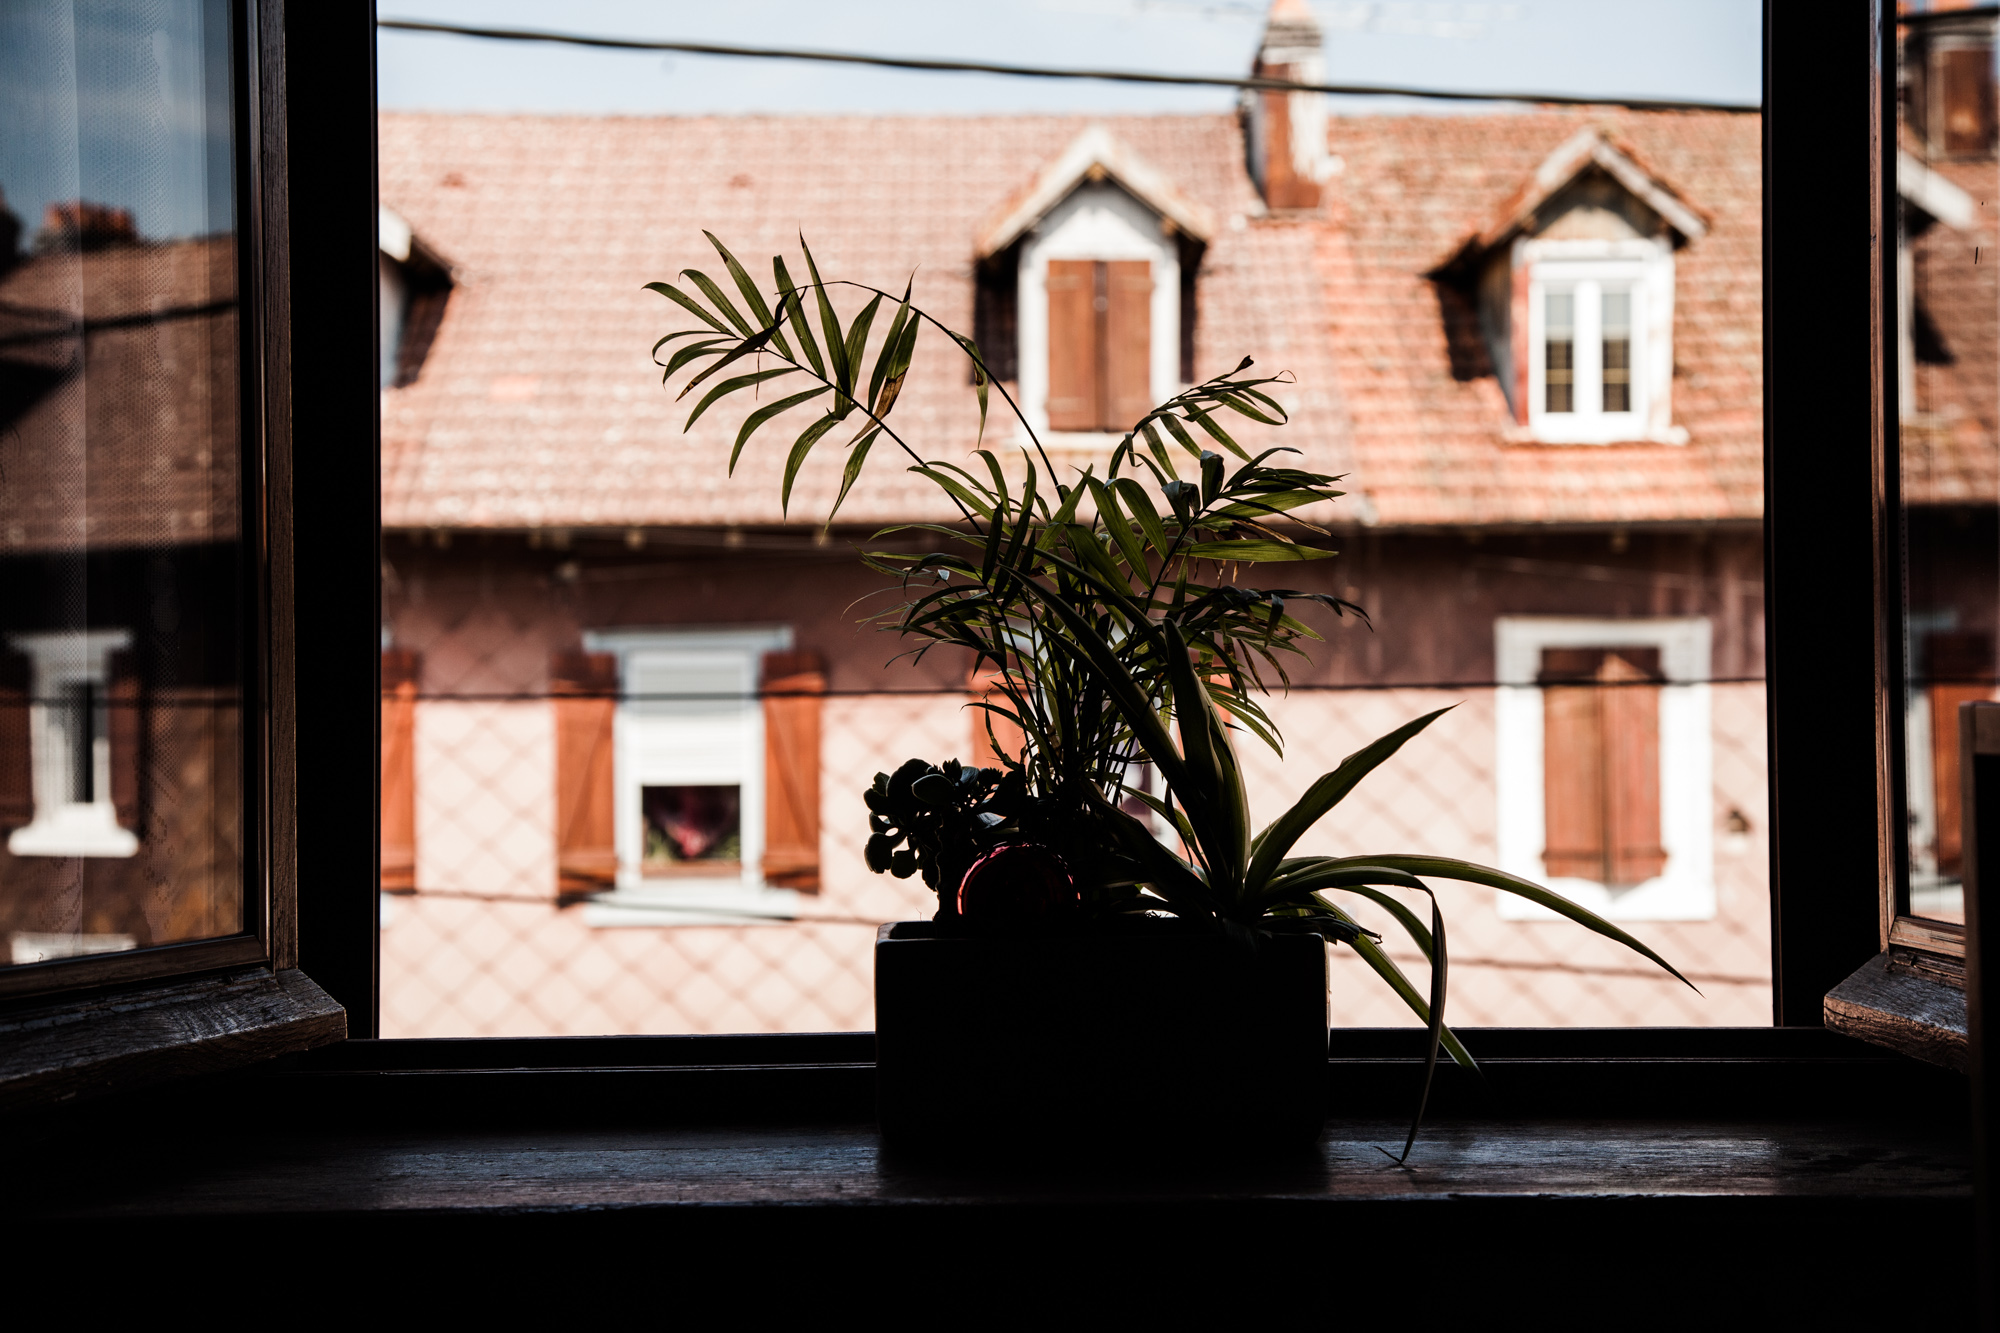 9 Juillet 2013. Rue de la Vologne, depuis chez Jacky.  Extrait du projet webdocumentaire   Les Pieds dans la France  , co-réalisé avec Stéphane Doulé et Camille Millerand.